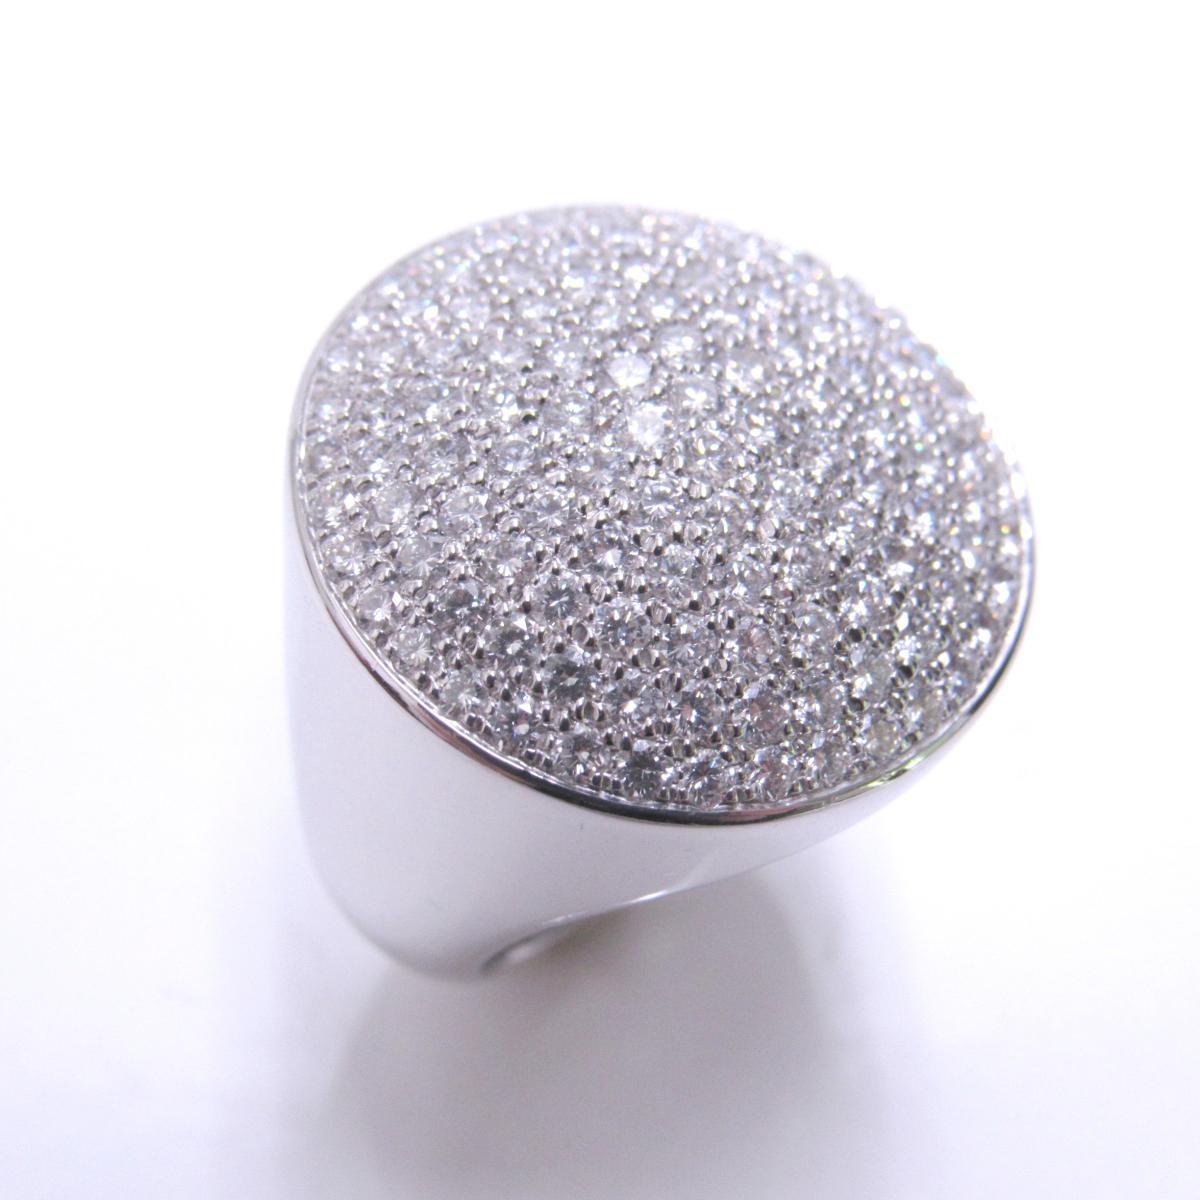 【中古】 カルティエ ジュトンリング ジュエリー 指輪 レディース K18WG (750) ホワイトゴールド × ダイヤモンド シルバー | Cartier BRANDOFF ブランドオフ ブランド アクセサリー リング